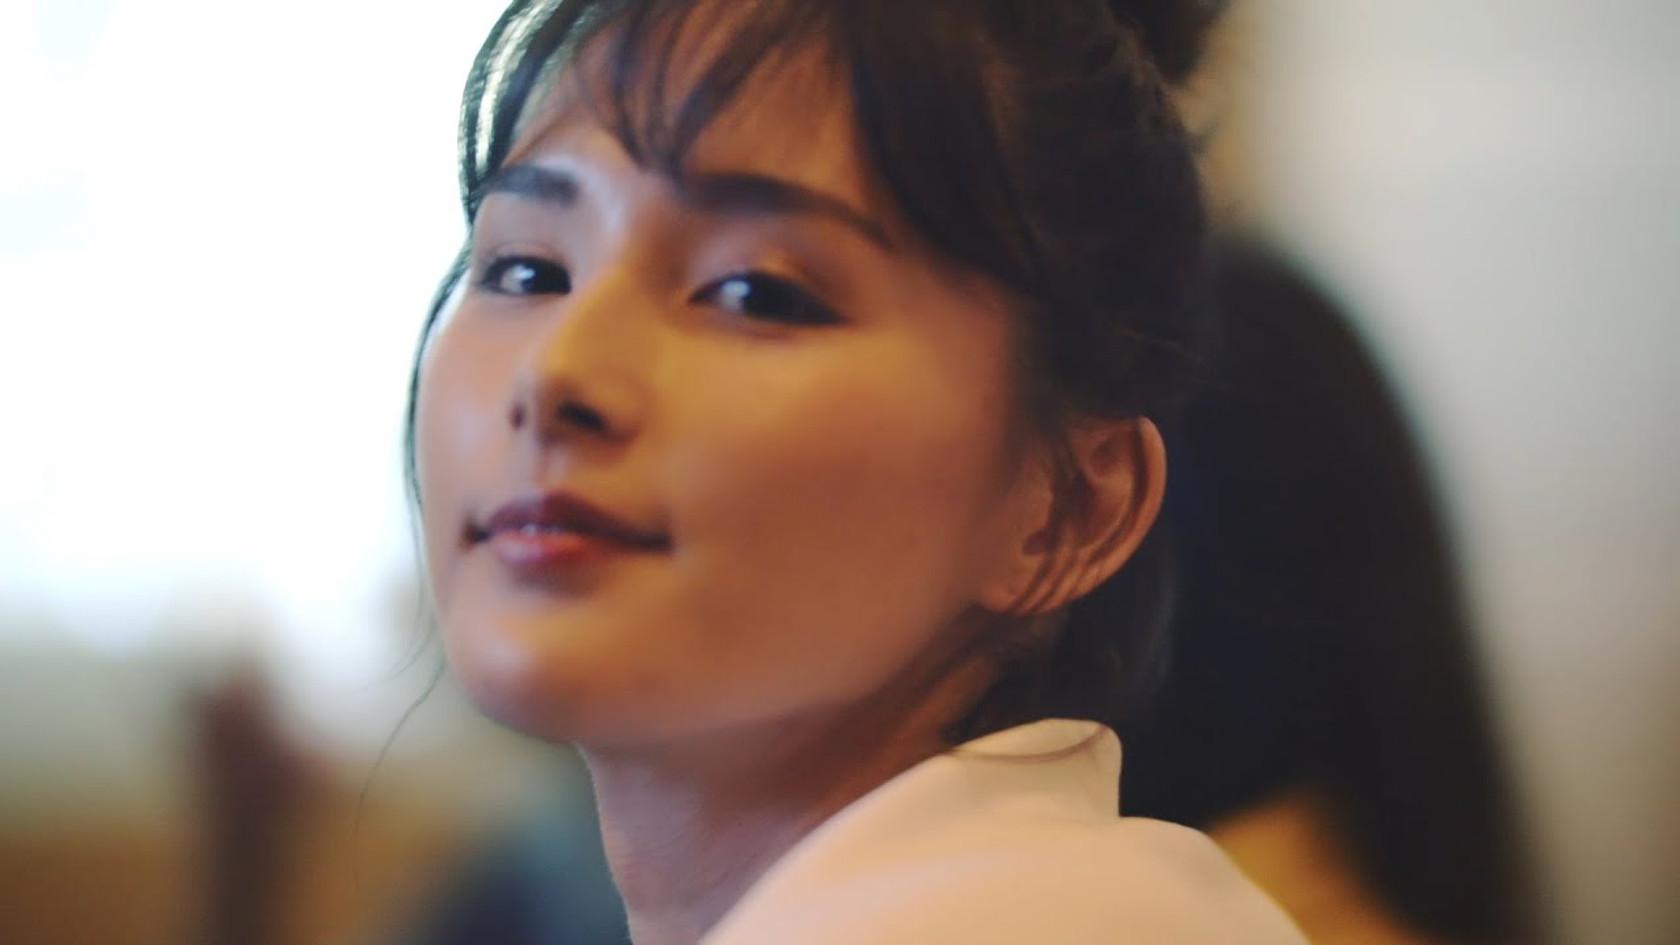 「おわりではじまり」Official Music Video